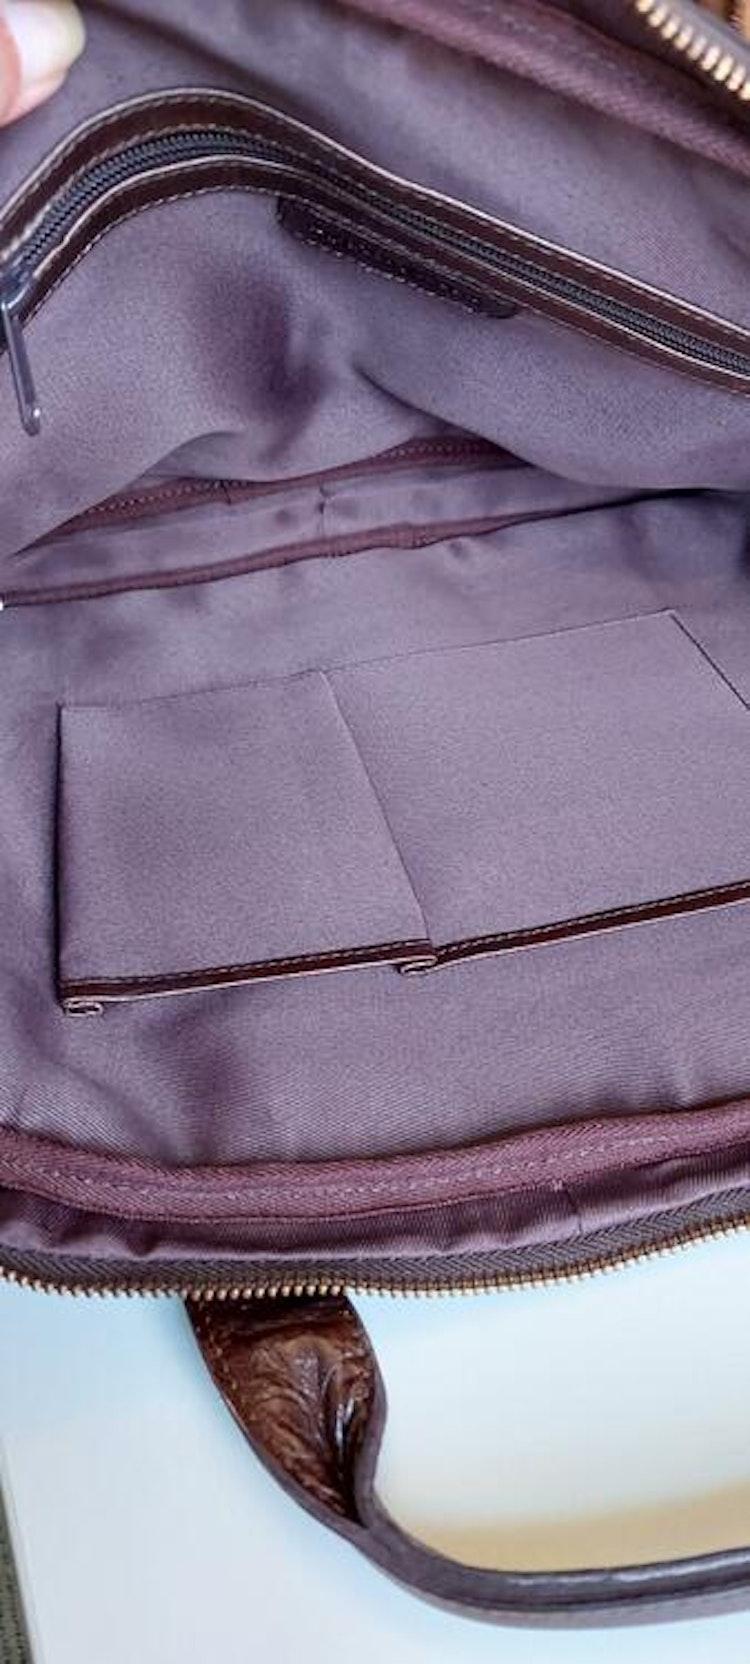 Portfölj Datorväska skinn brun Springfield 135